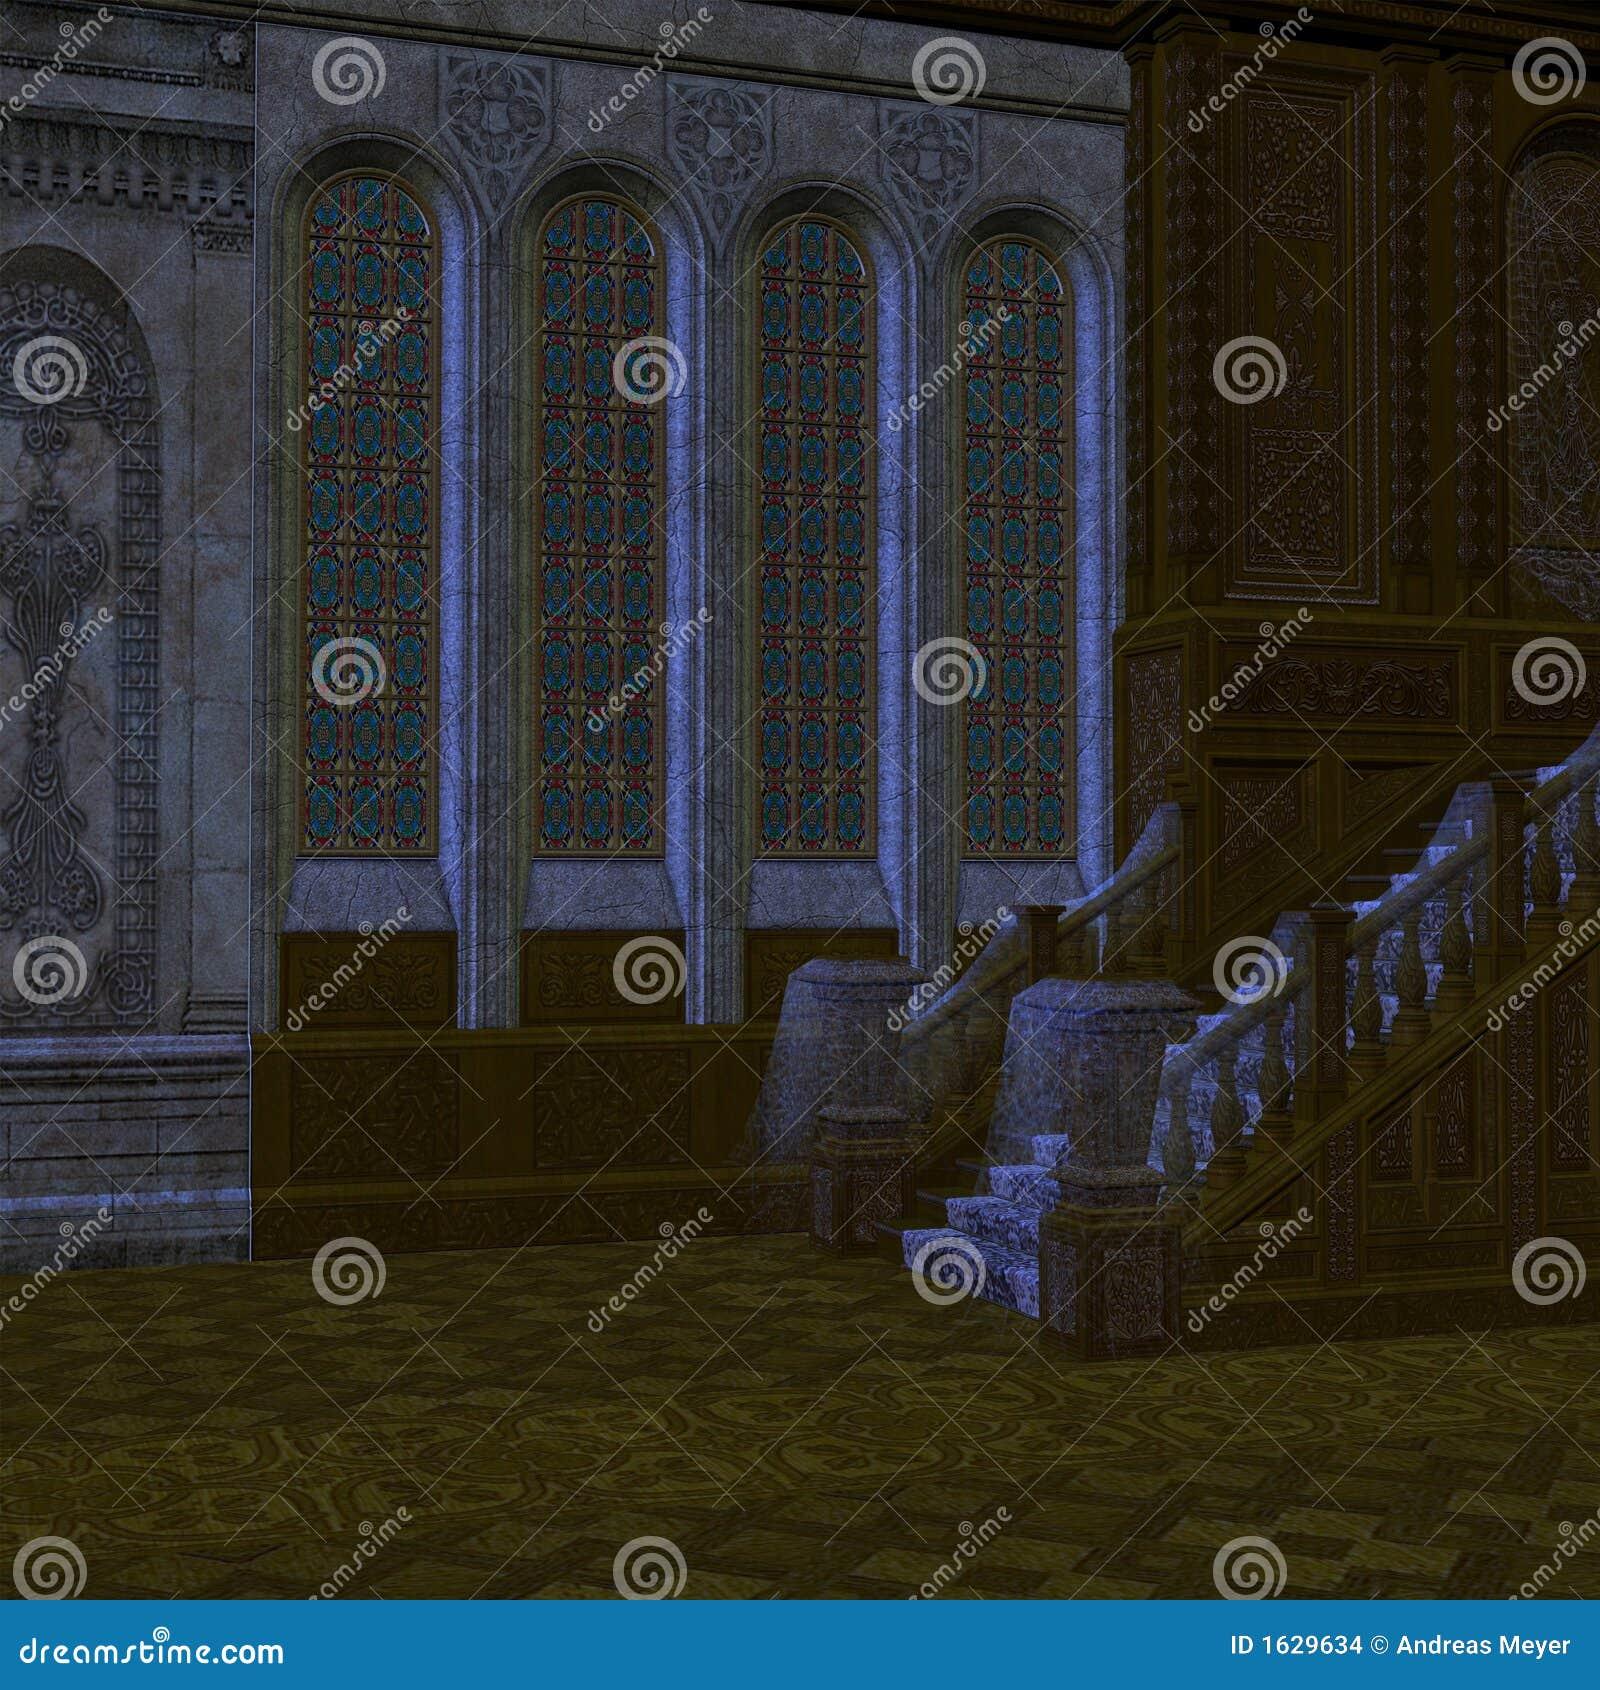 Frequentierte Villa stock abbildung. Illustration von unten - 1629634